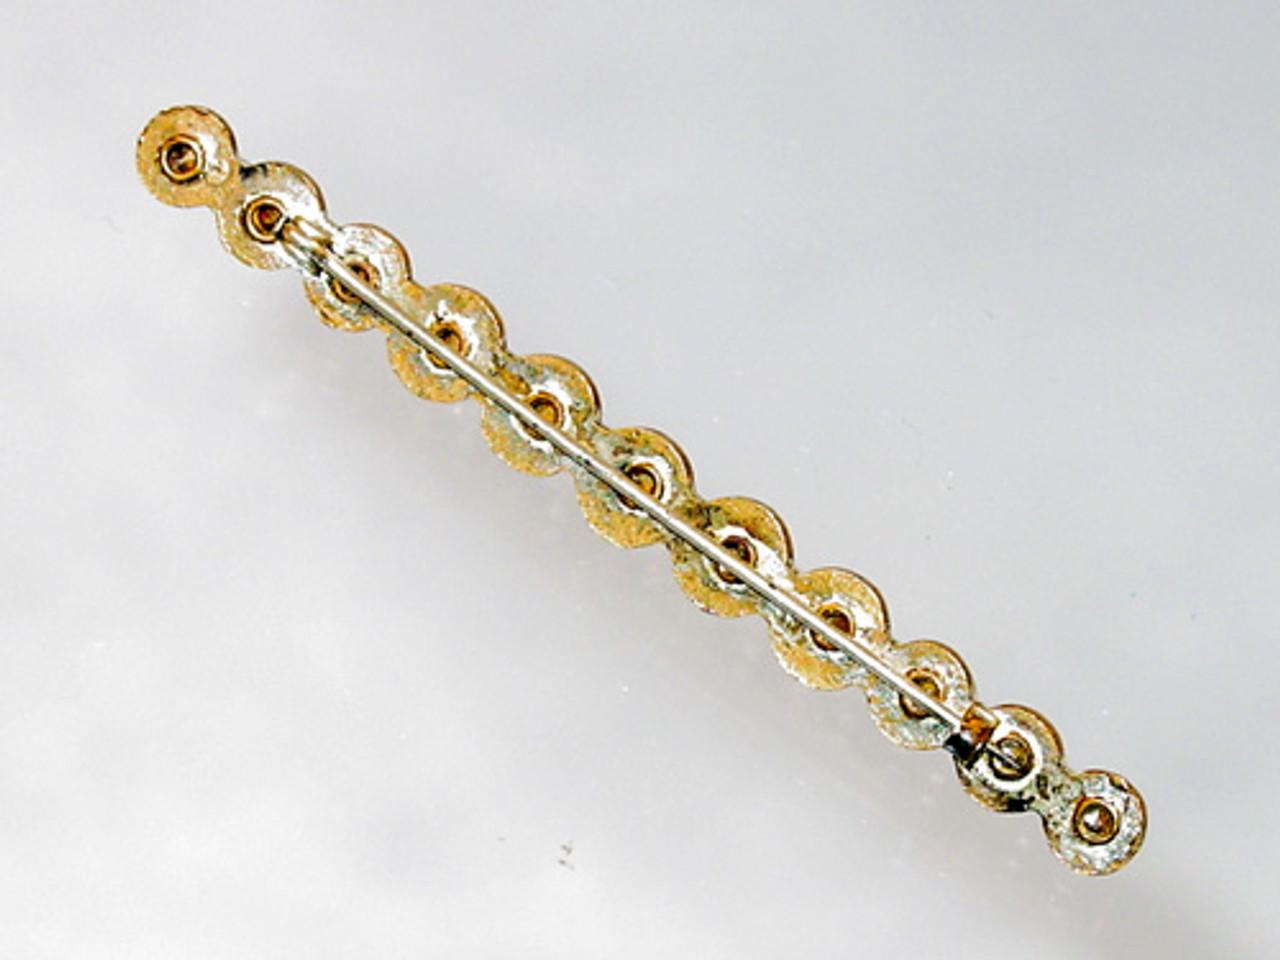 Long antique brooch